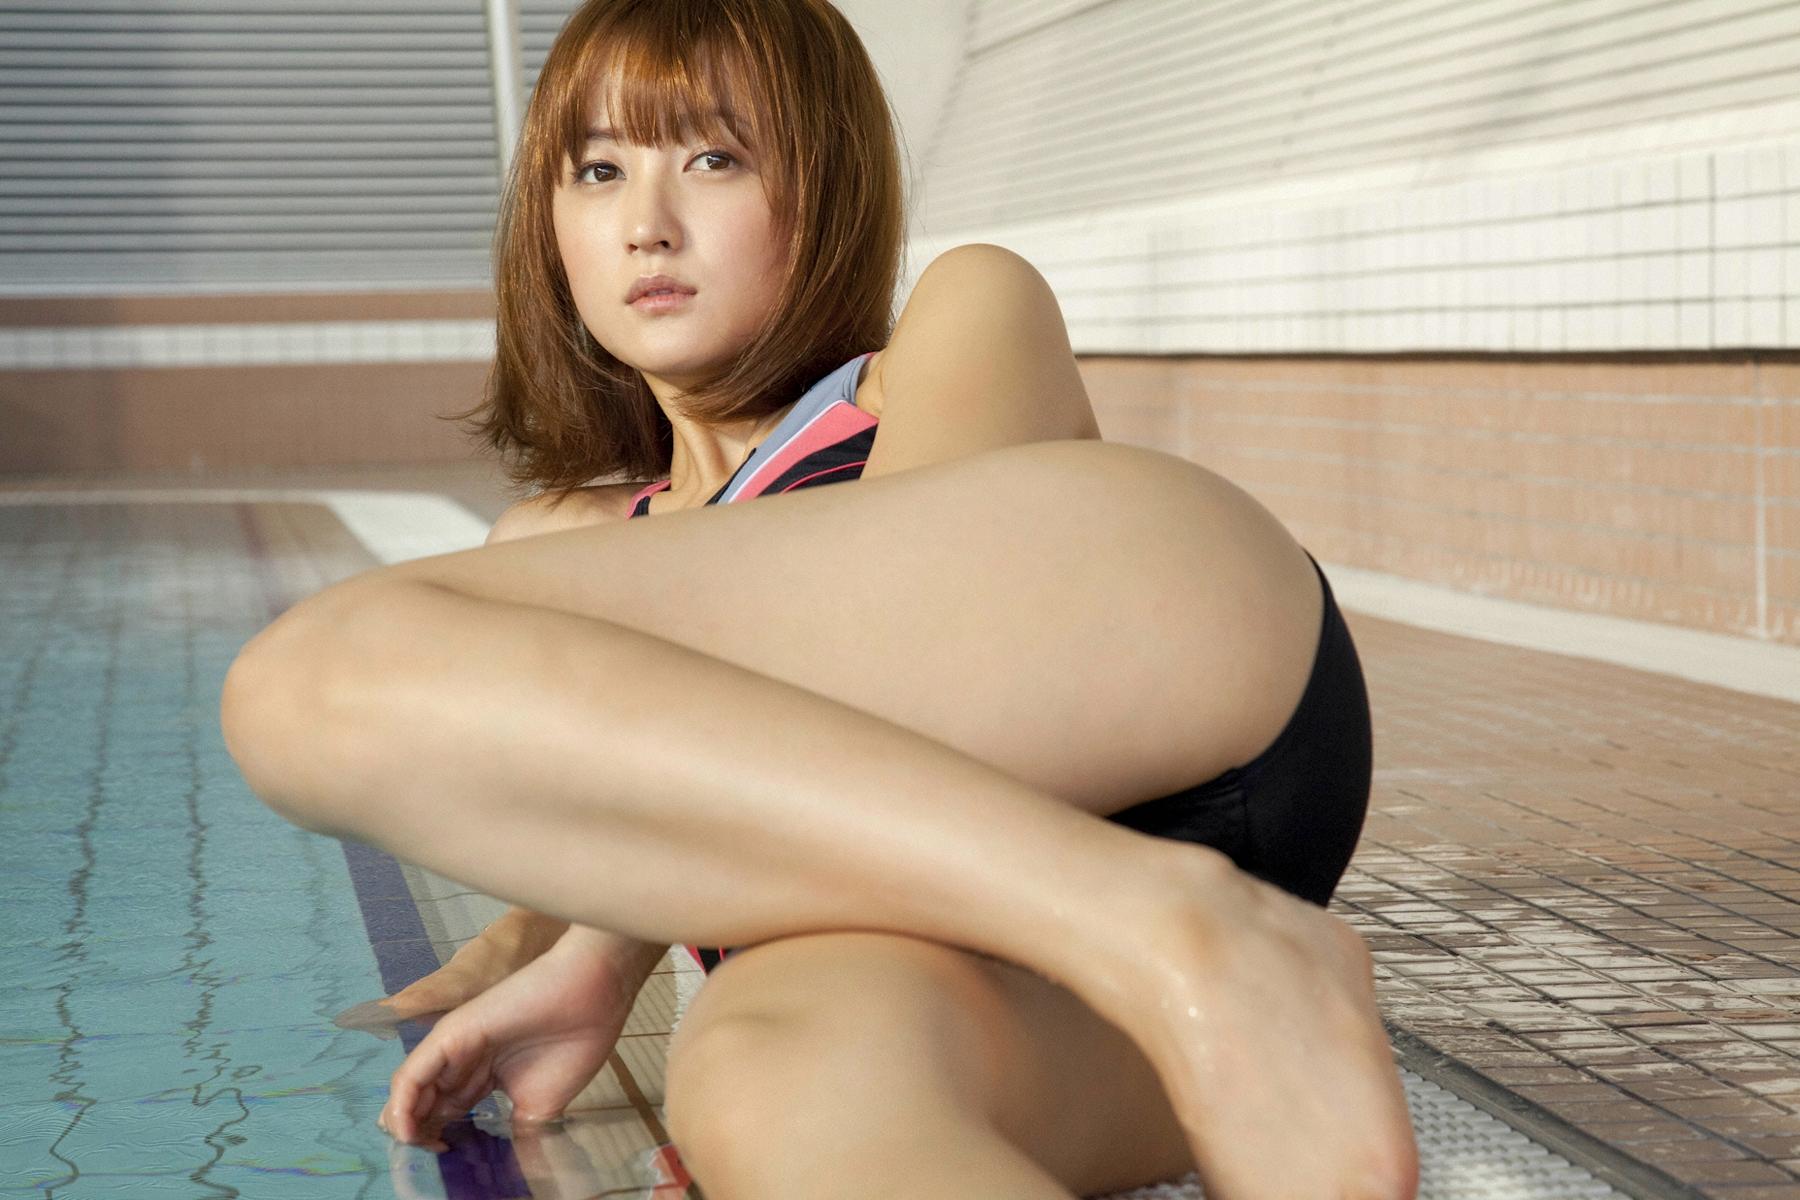 Asian mature women xxx cheap